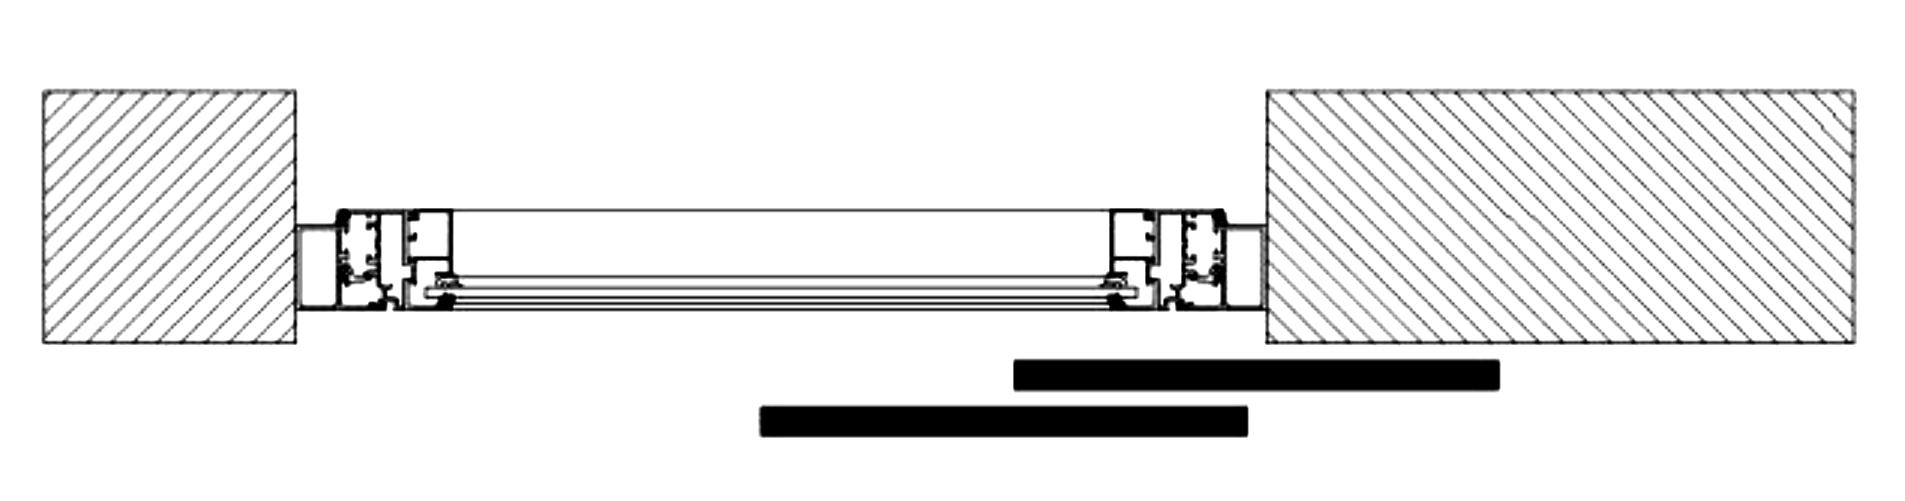 Sliding Shutters Division Diagram 2l2r